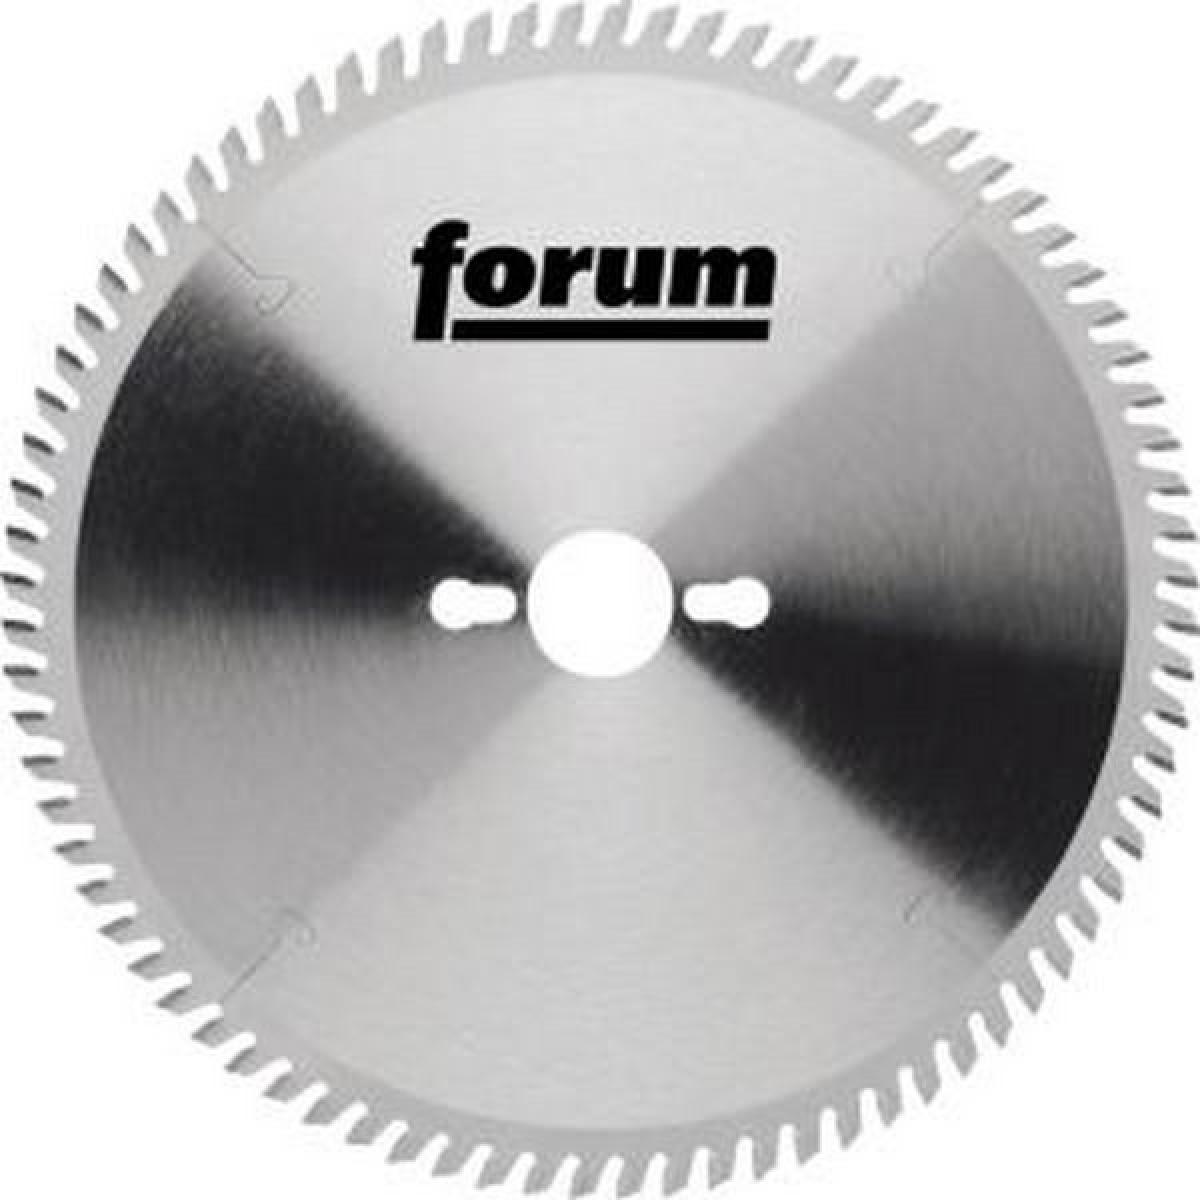 Forum Lame de scie circulaire, Ø : 400 mm, Larg. : 3,5 mm, Alésage 30 mm, Perçages secondaires : 2KNL*, Dents : 28